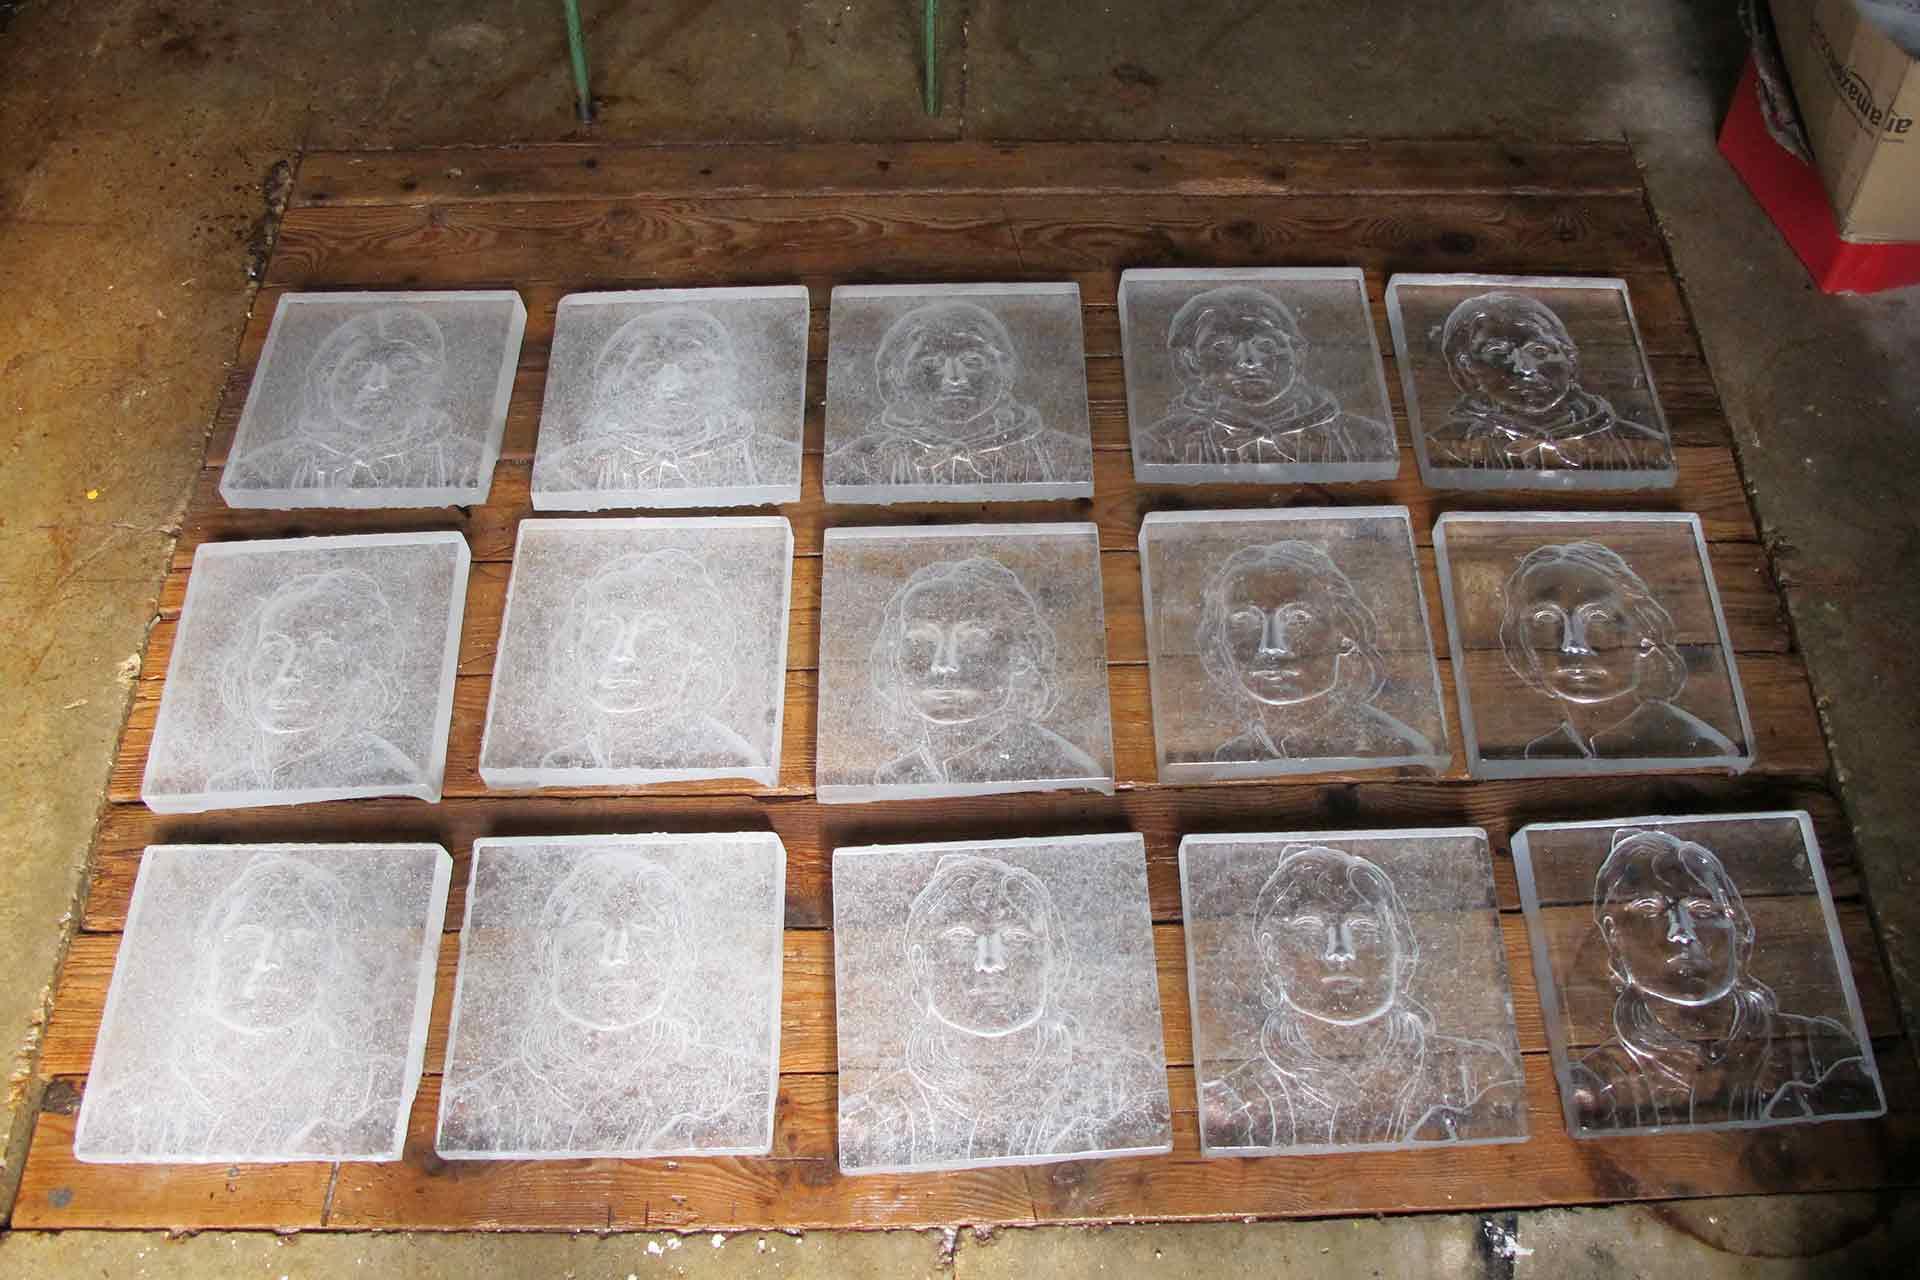 Dalles en pâte de verre représentant des visages Archives Nationales Maitre Verrier Olivier Juteau